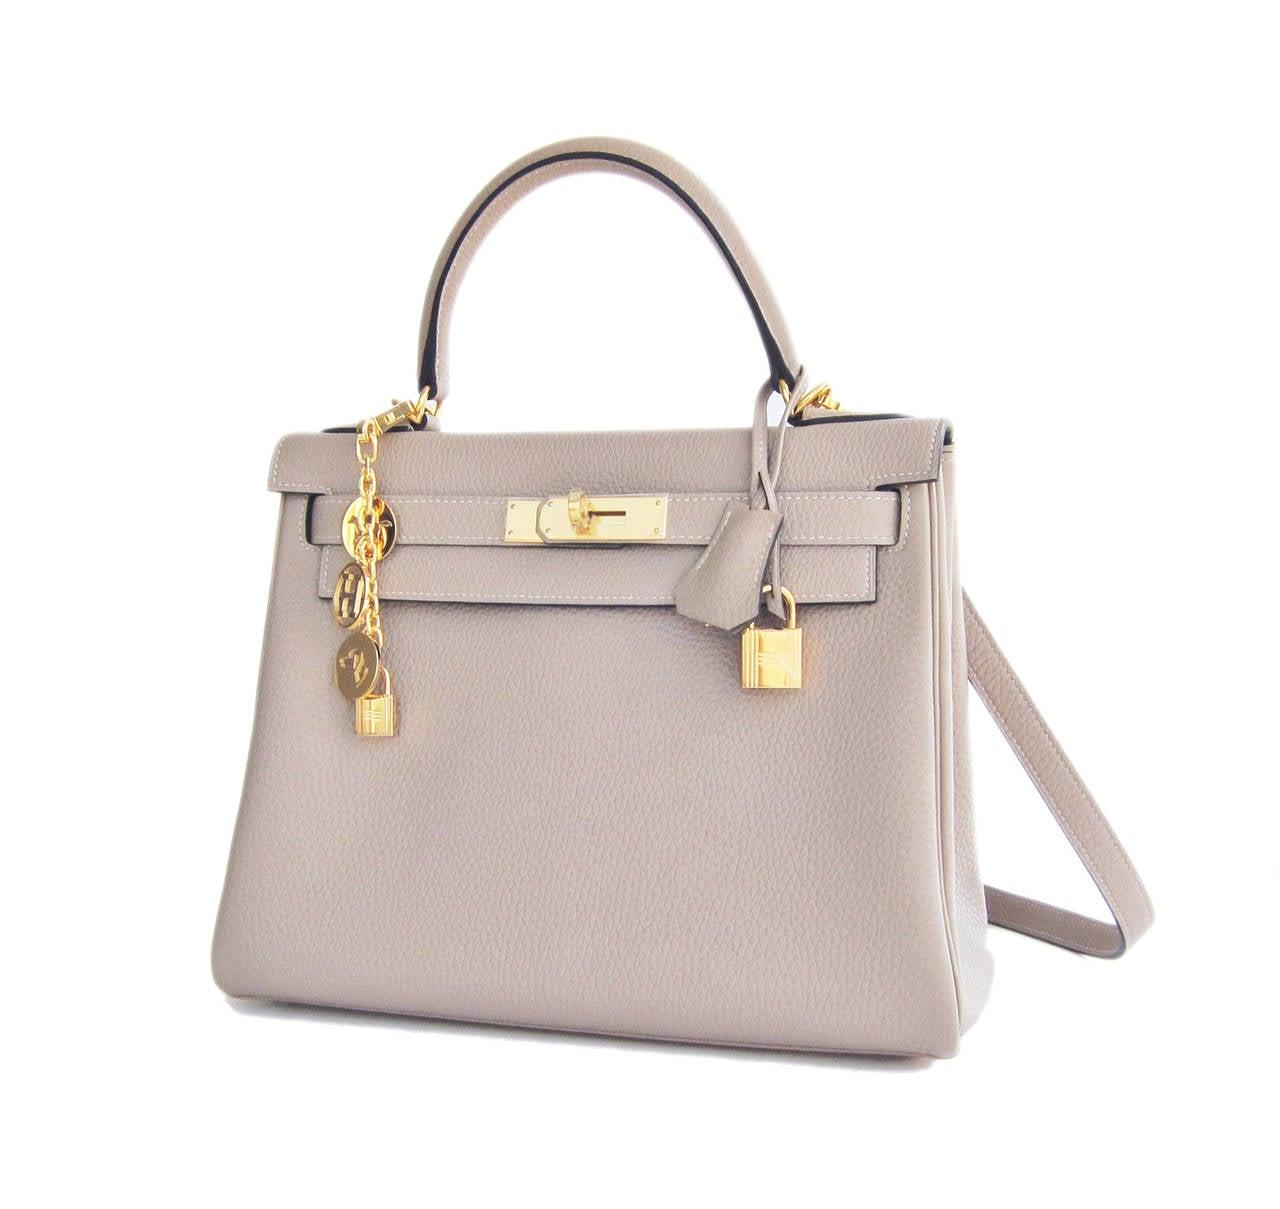 Hermes Gris Tourterelle 28cm Togo Kelly Gold GHW Shoulder Bag Perfection 4